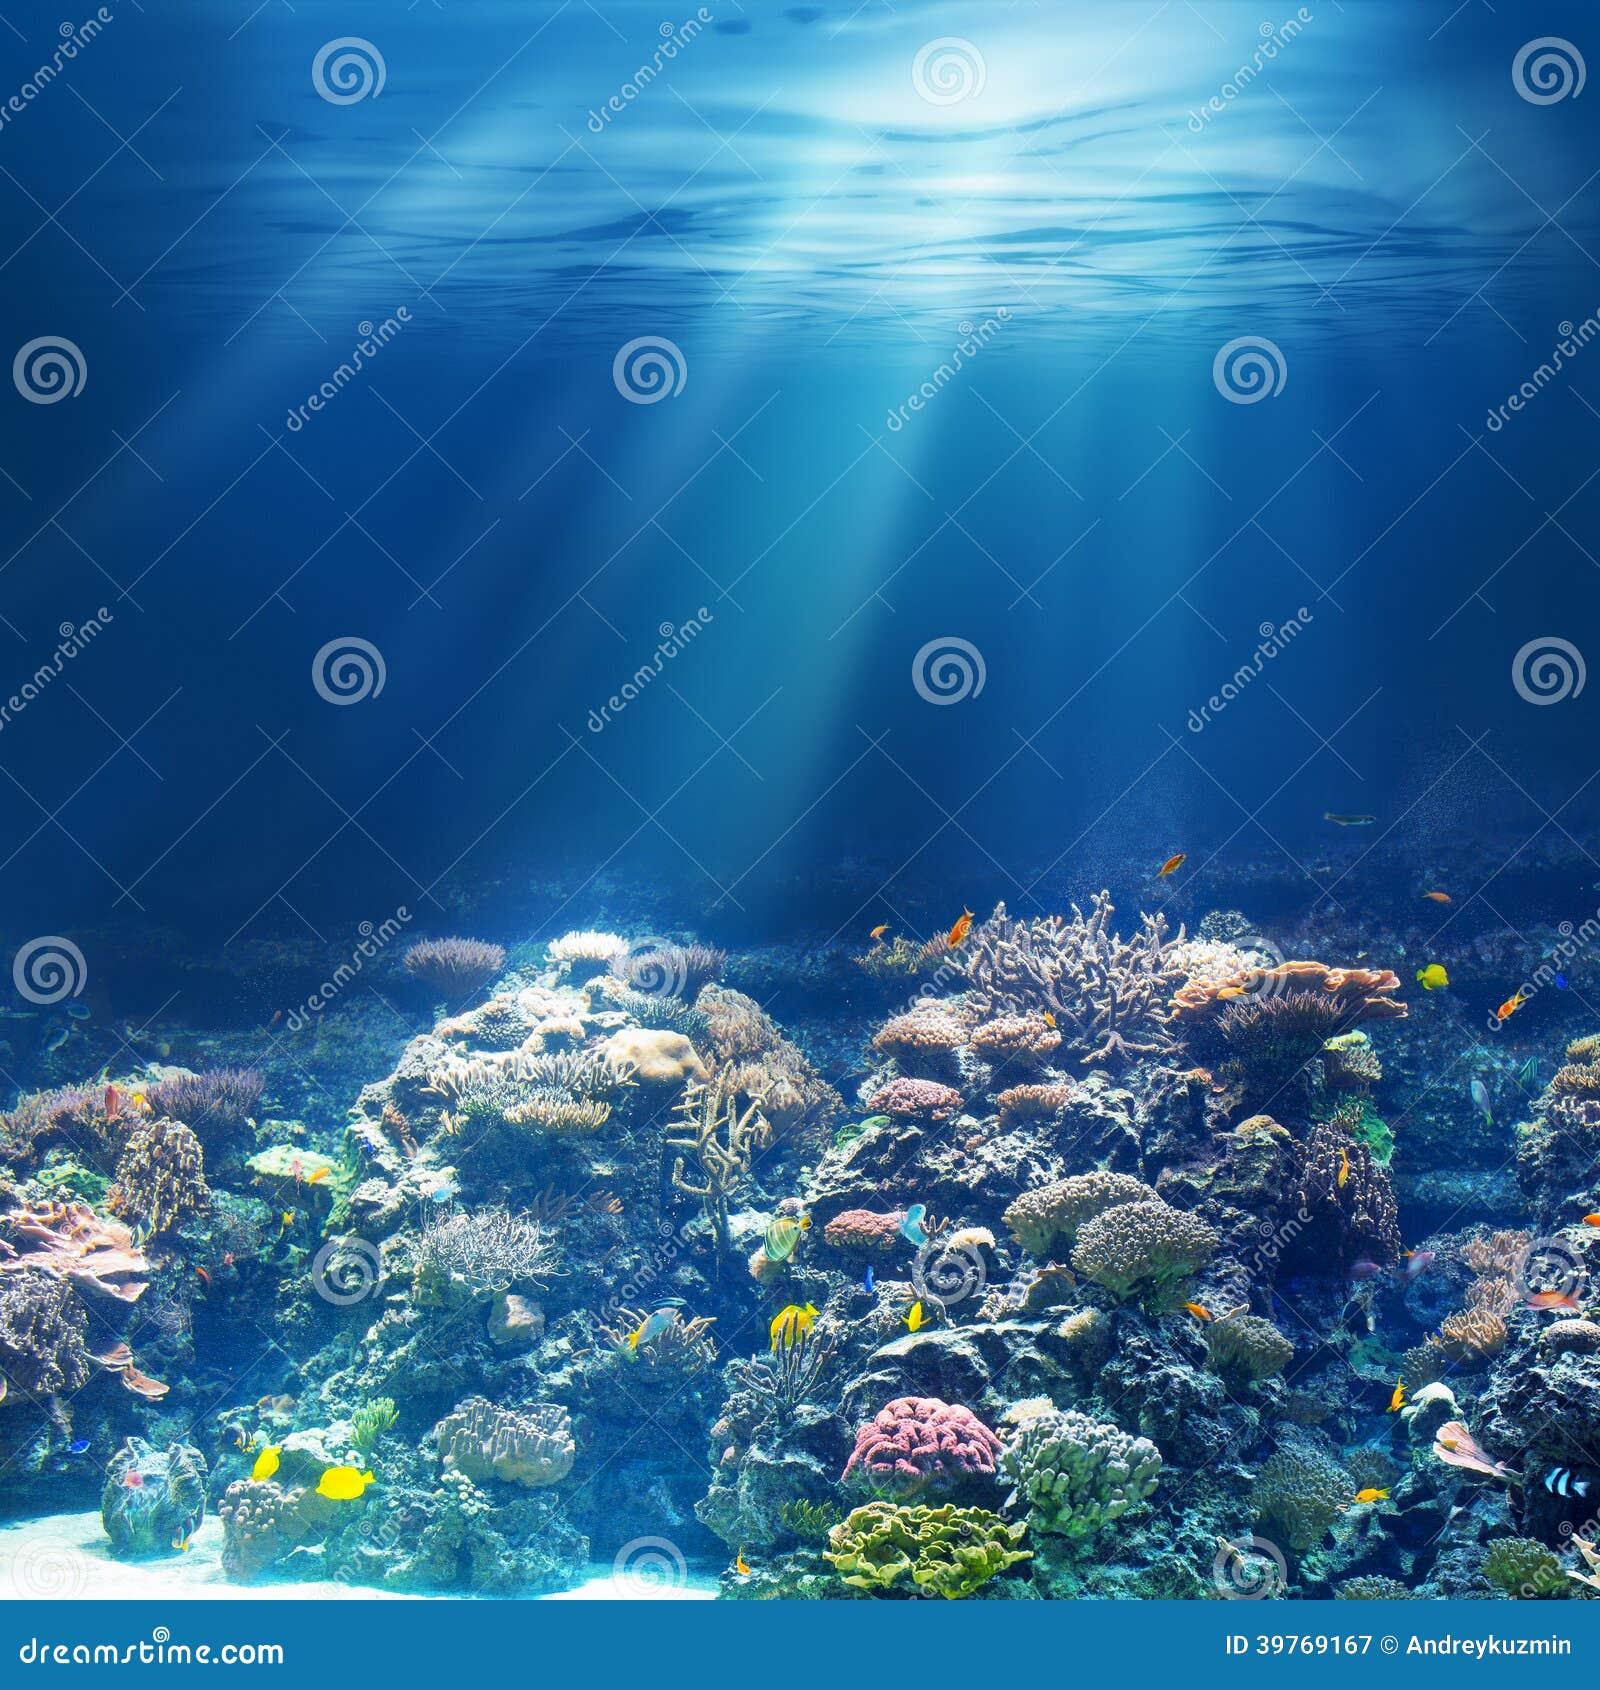 Coral Reef Background: Sea Or Ocean Underwater Coral Reef Snorkeling Or Diving